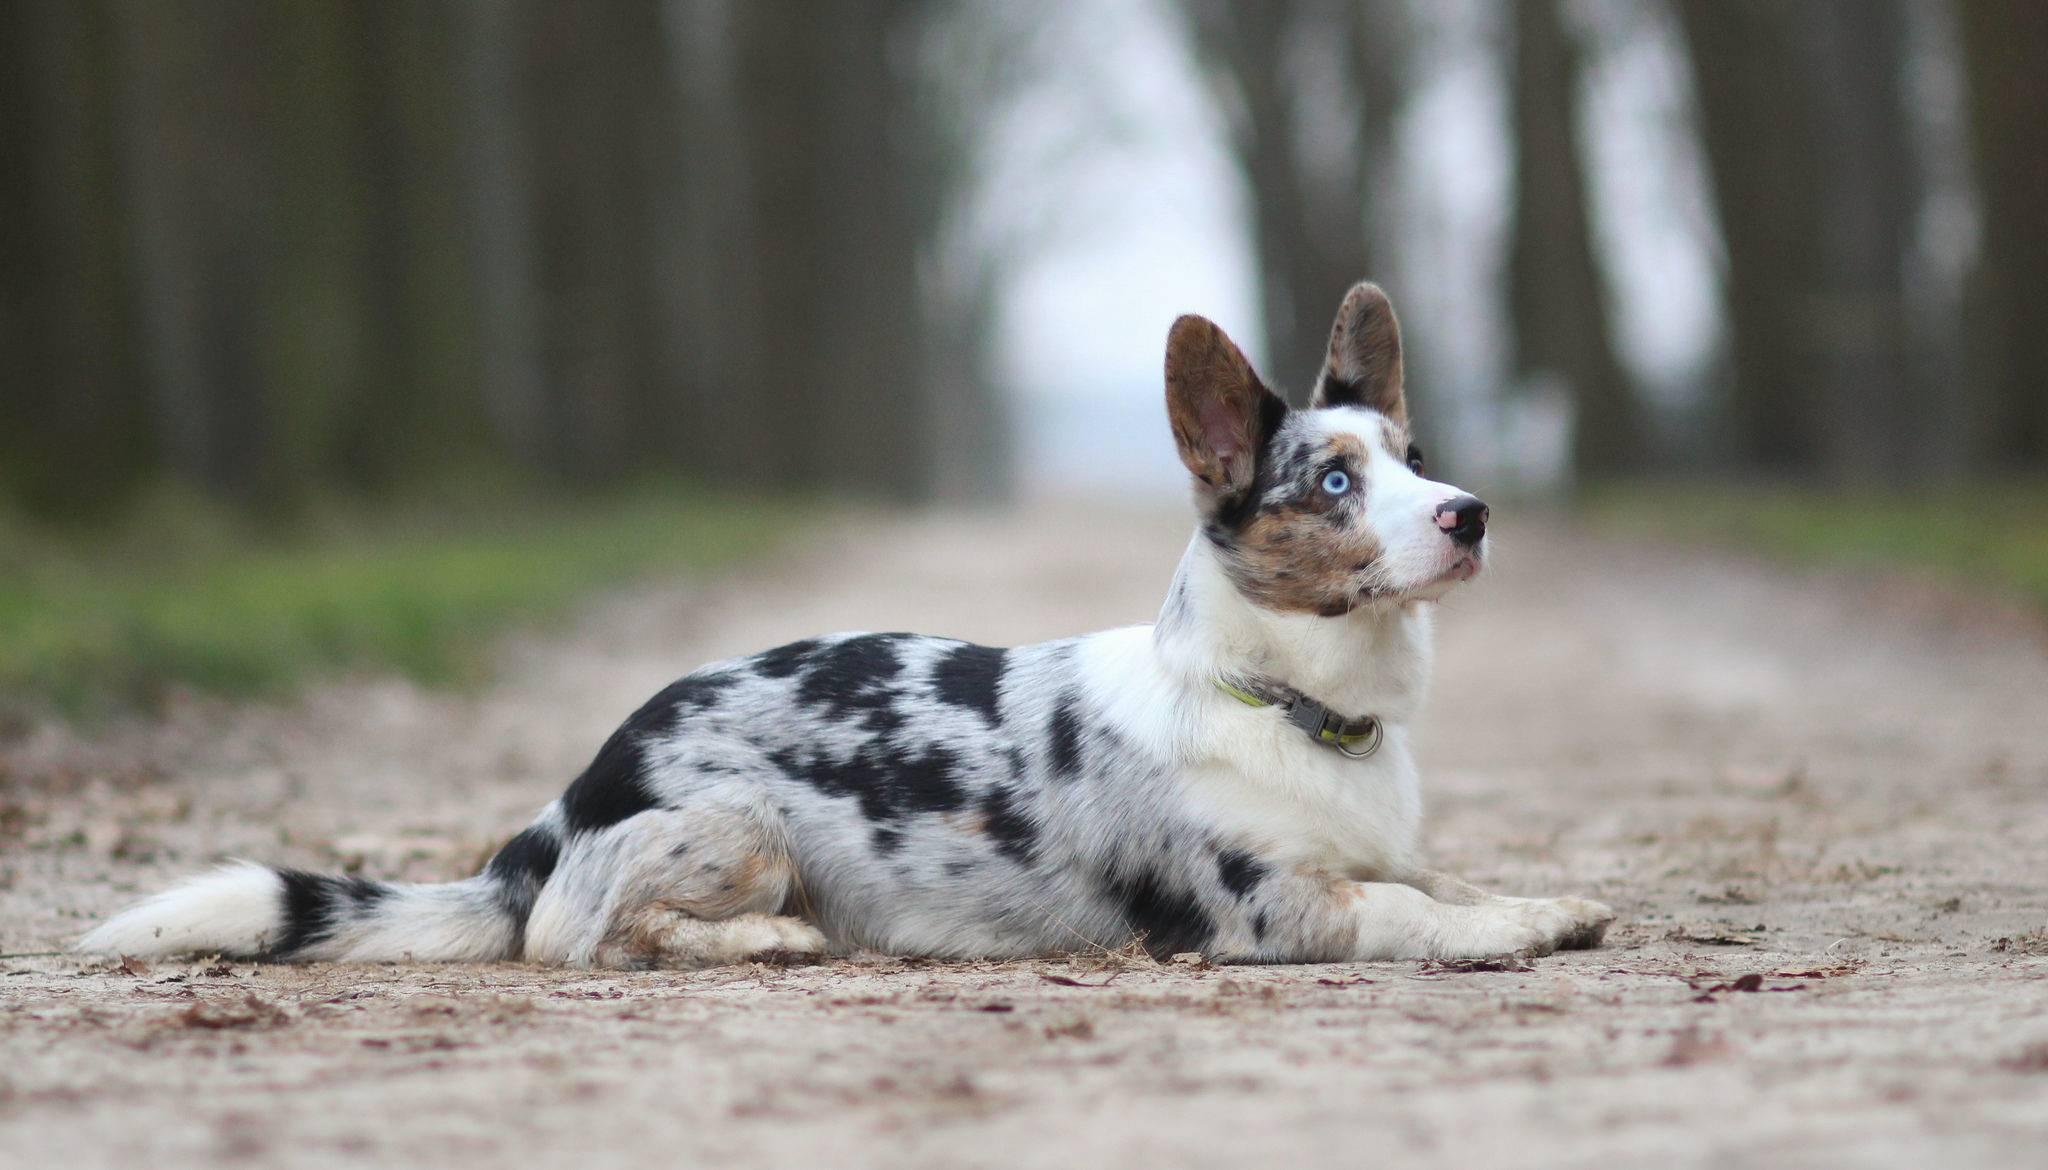 Вельш-корги порода собак: описание и особенности характера, как выглядит на фото, а также плюсы и минусы питомцев